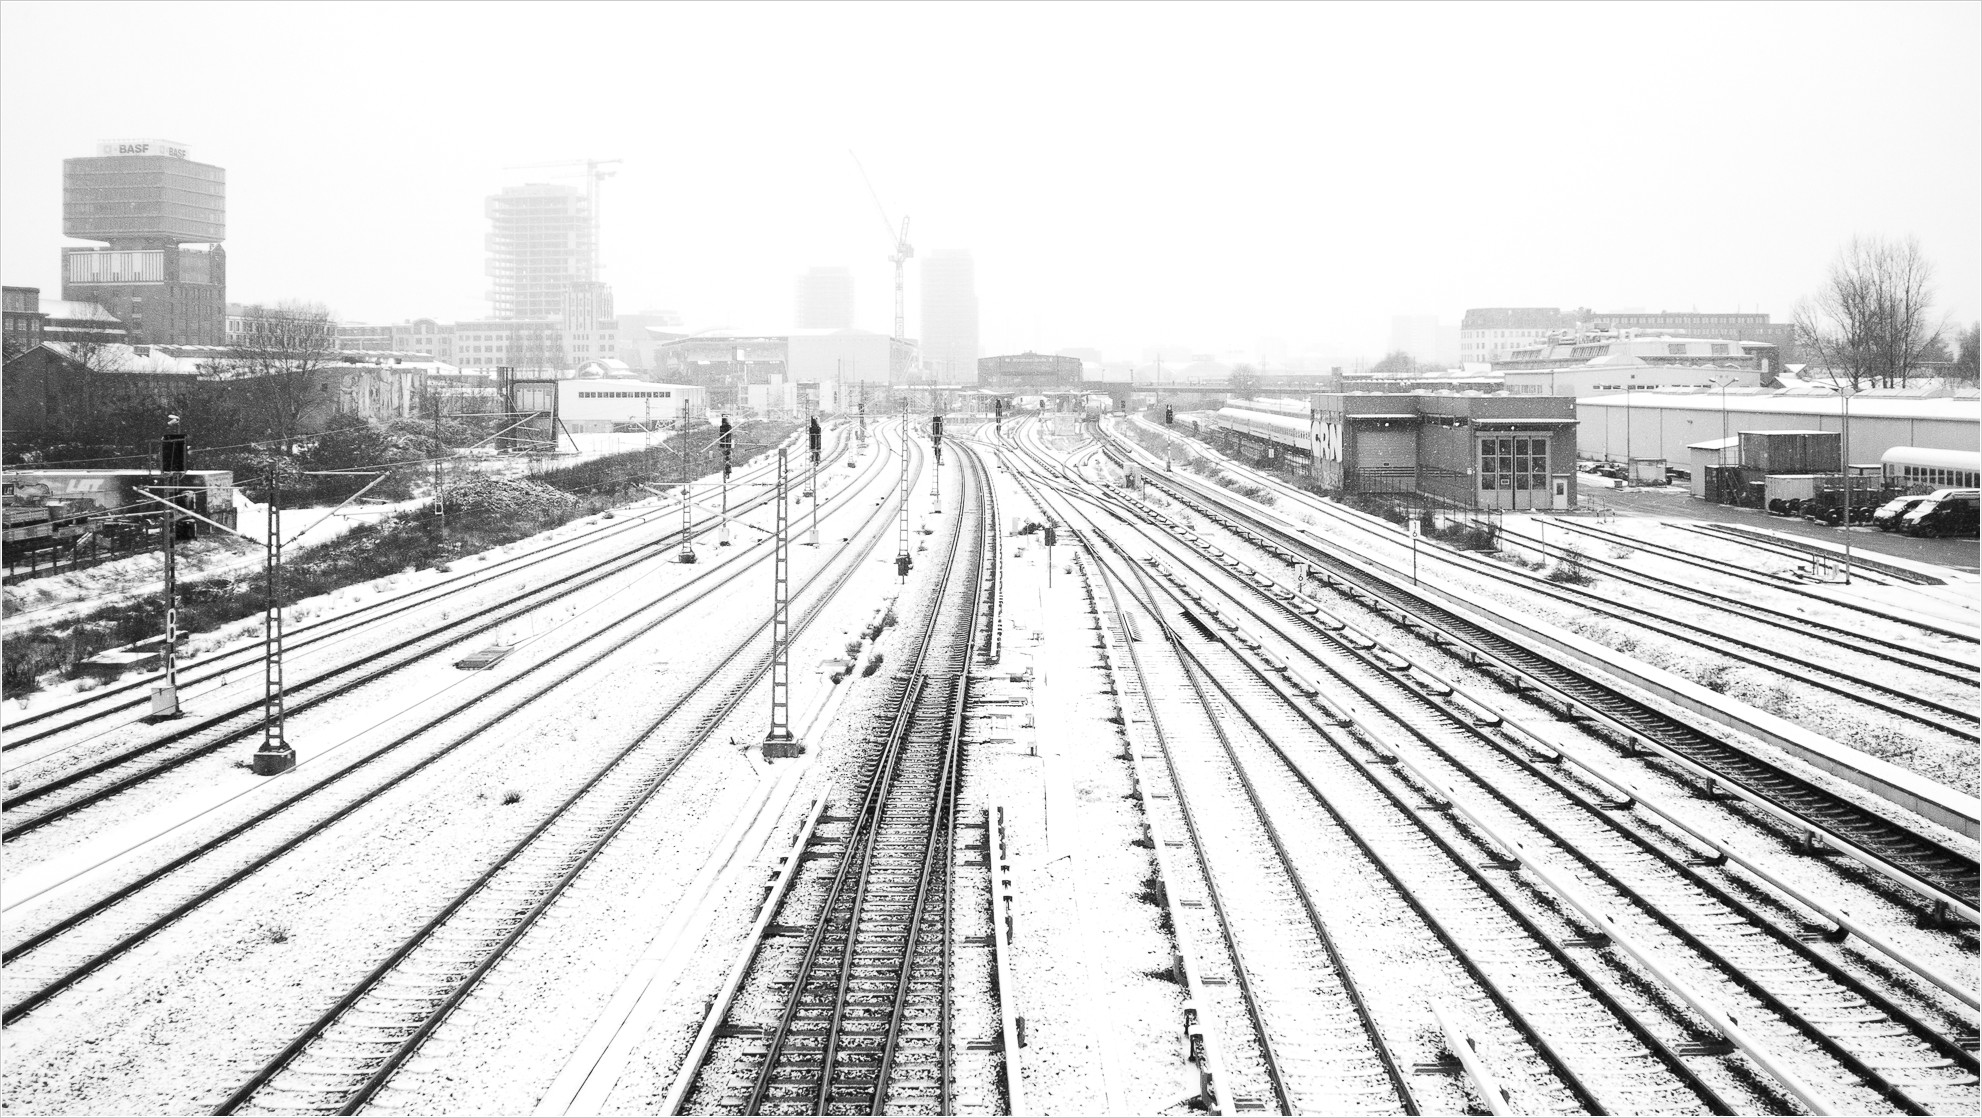 Schienen in Richtung Berlin, Bahnhof Warschauer Strasse